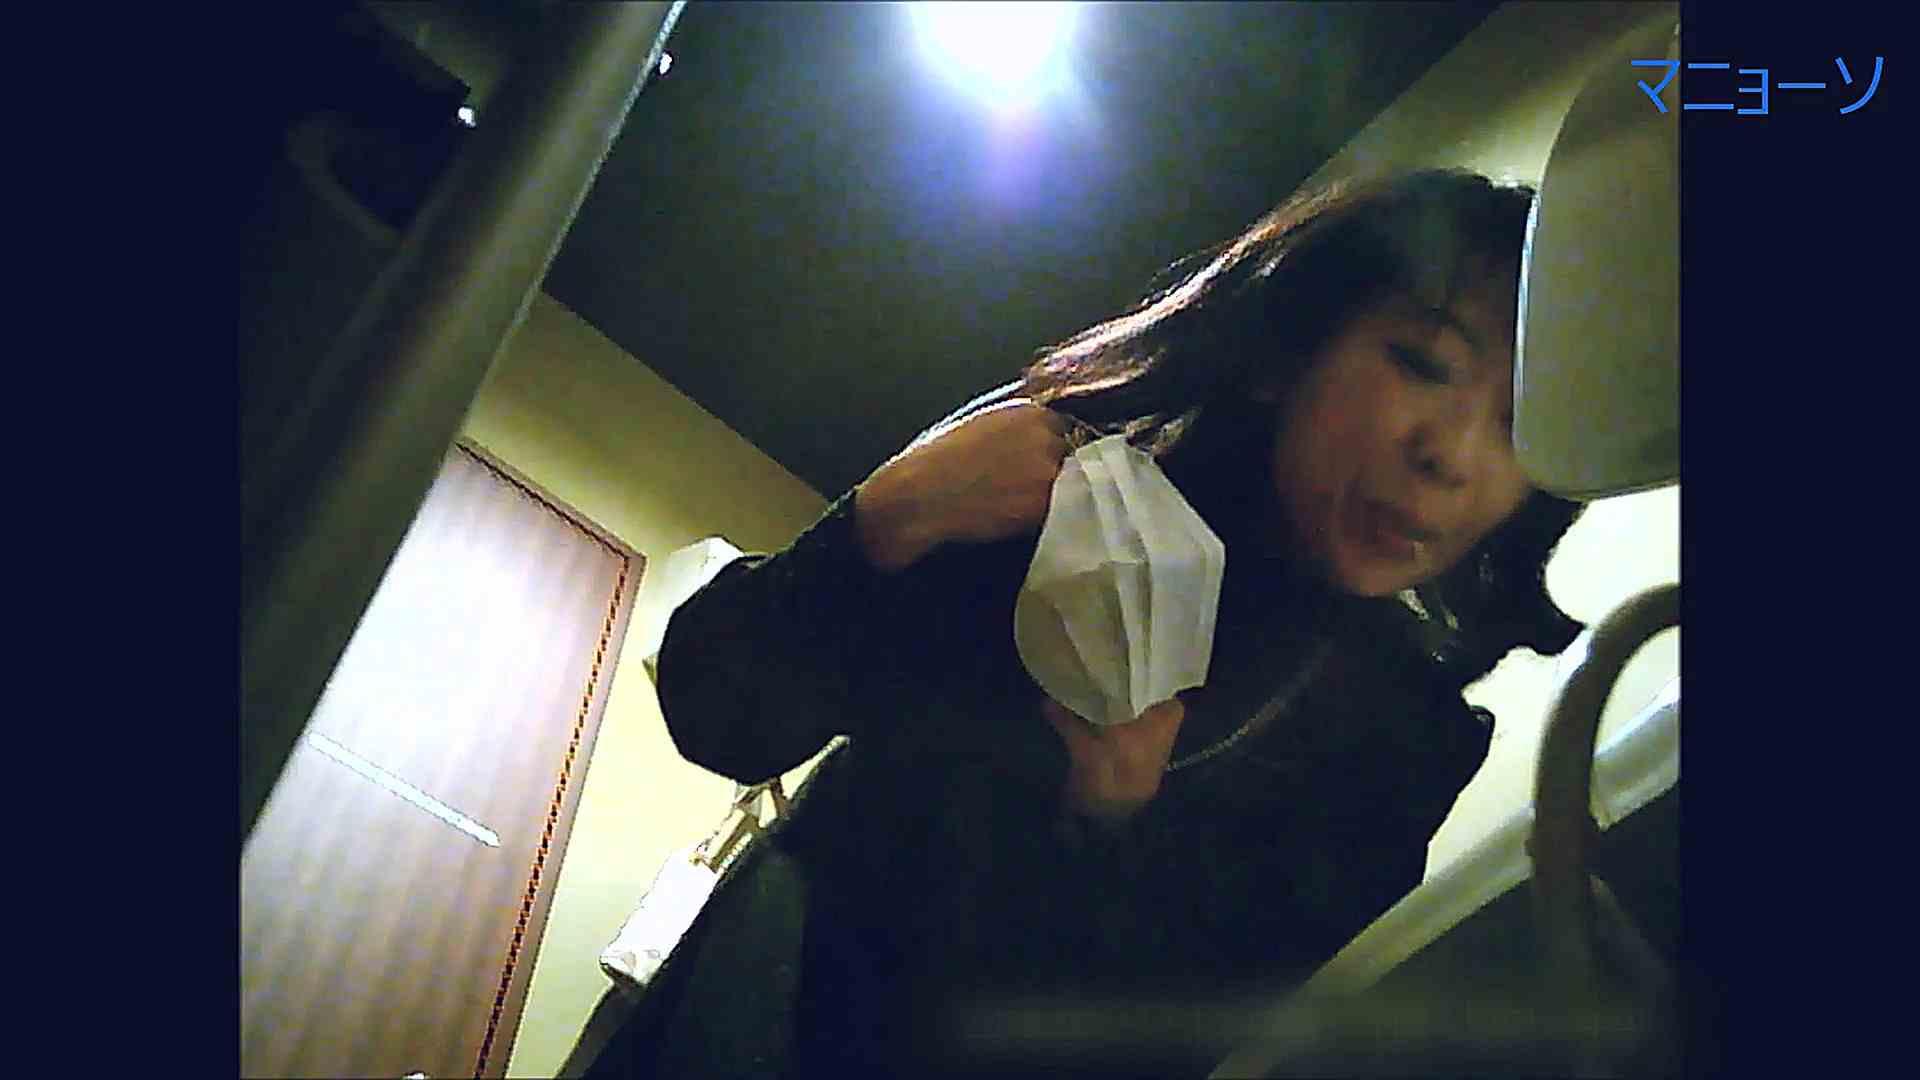 トイレでひと肌脱いでもらいました (OL編)Vol.14 トイレで・・・ エロ画像 109画像 6